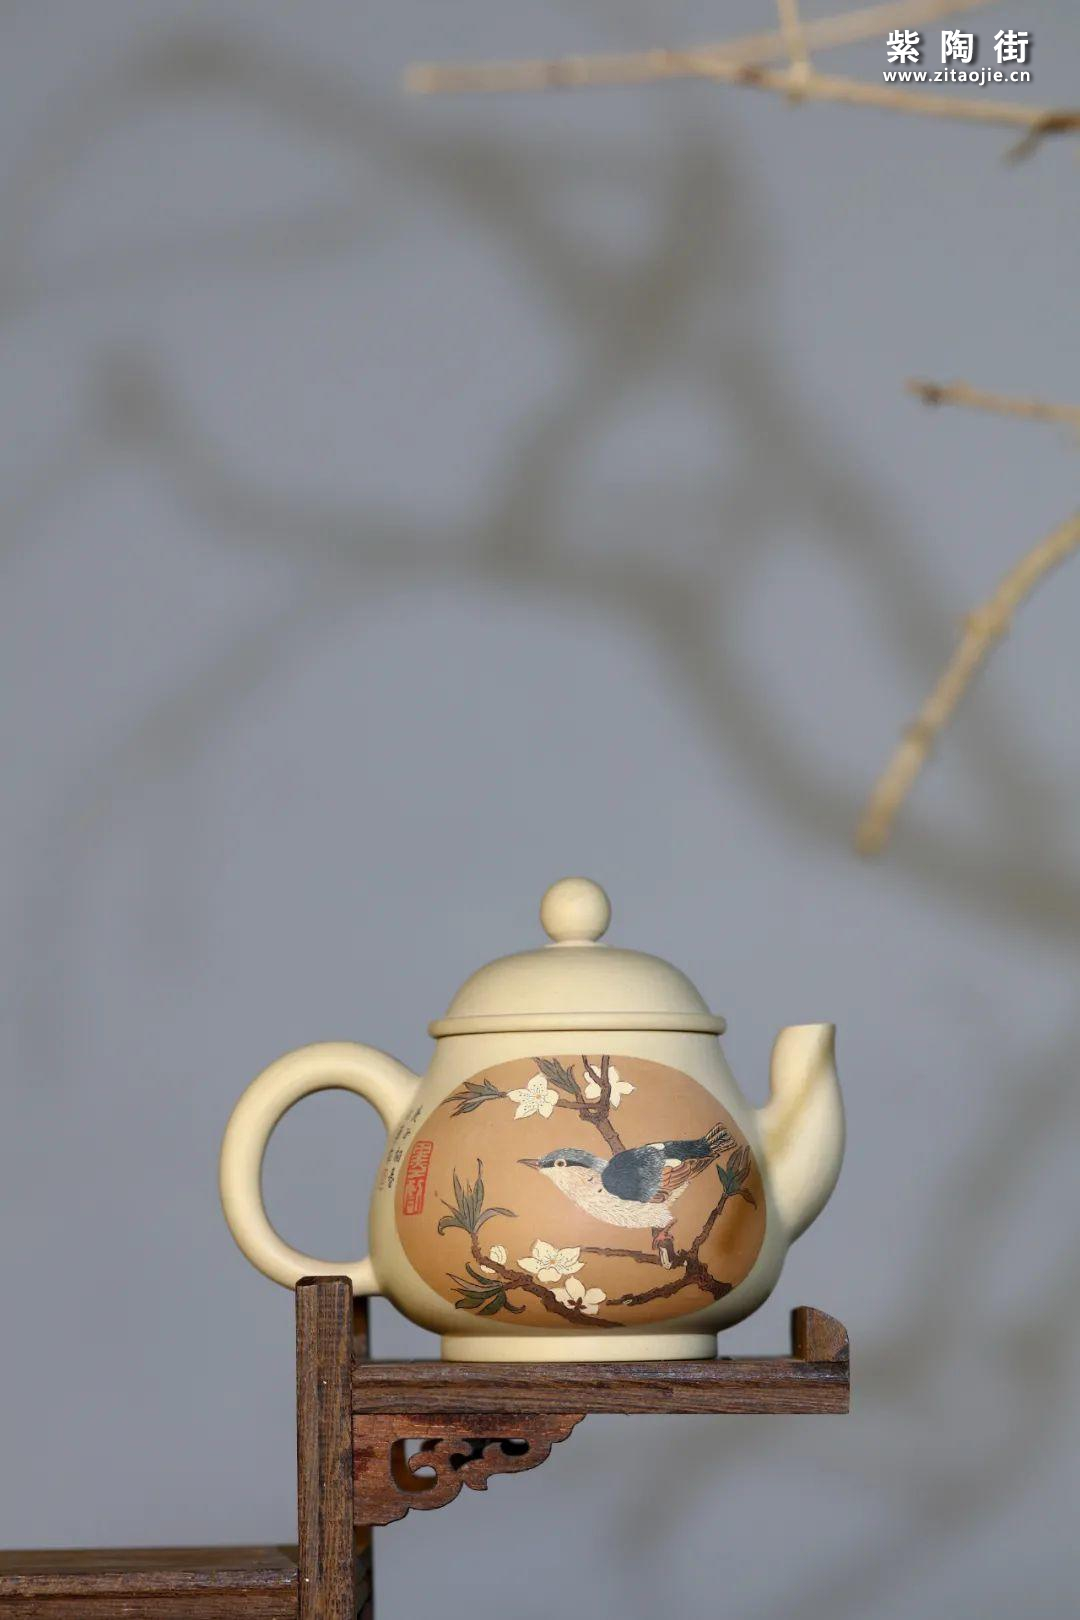 李由页精品紫陶壶插图4